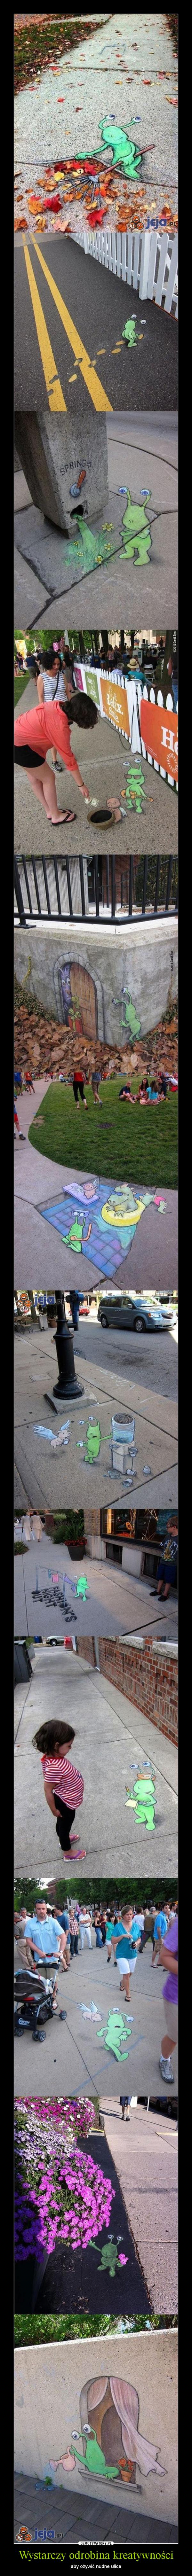 Wystarczy odrobina kreatywności – aby ożywić nudne ulice